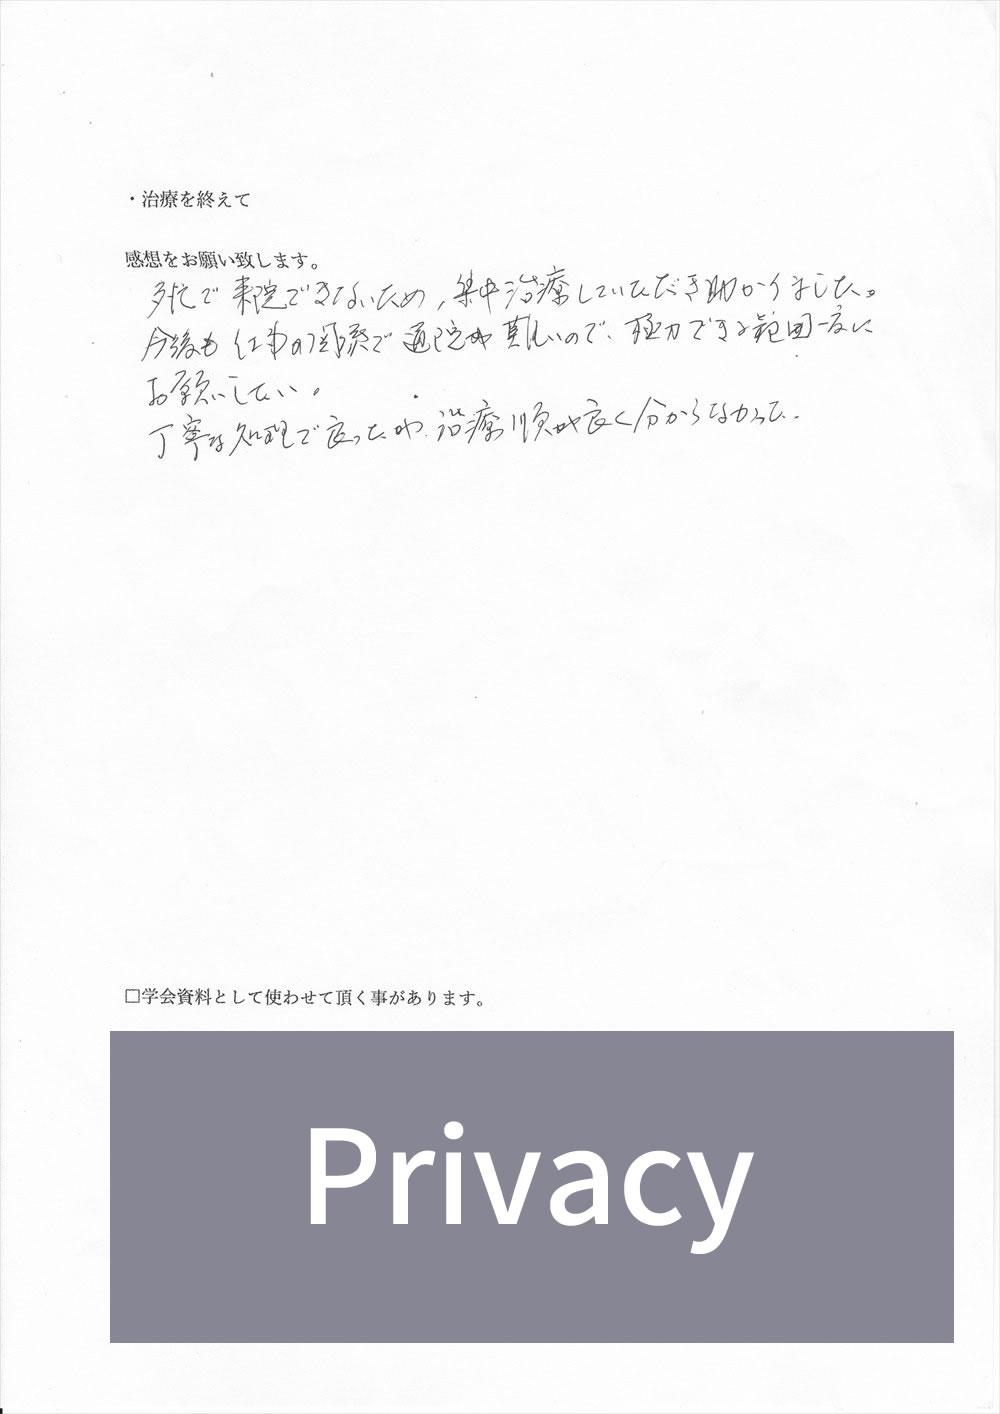 浦和もちまる歯科・矯正歯科の口コミ・評判アンケート8